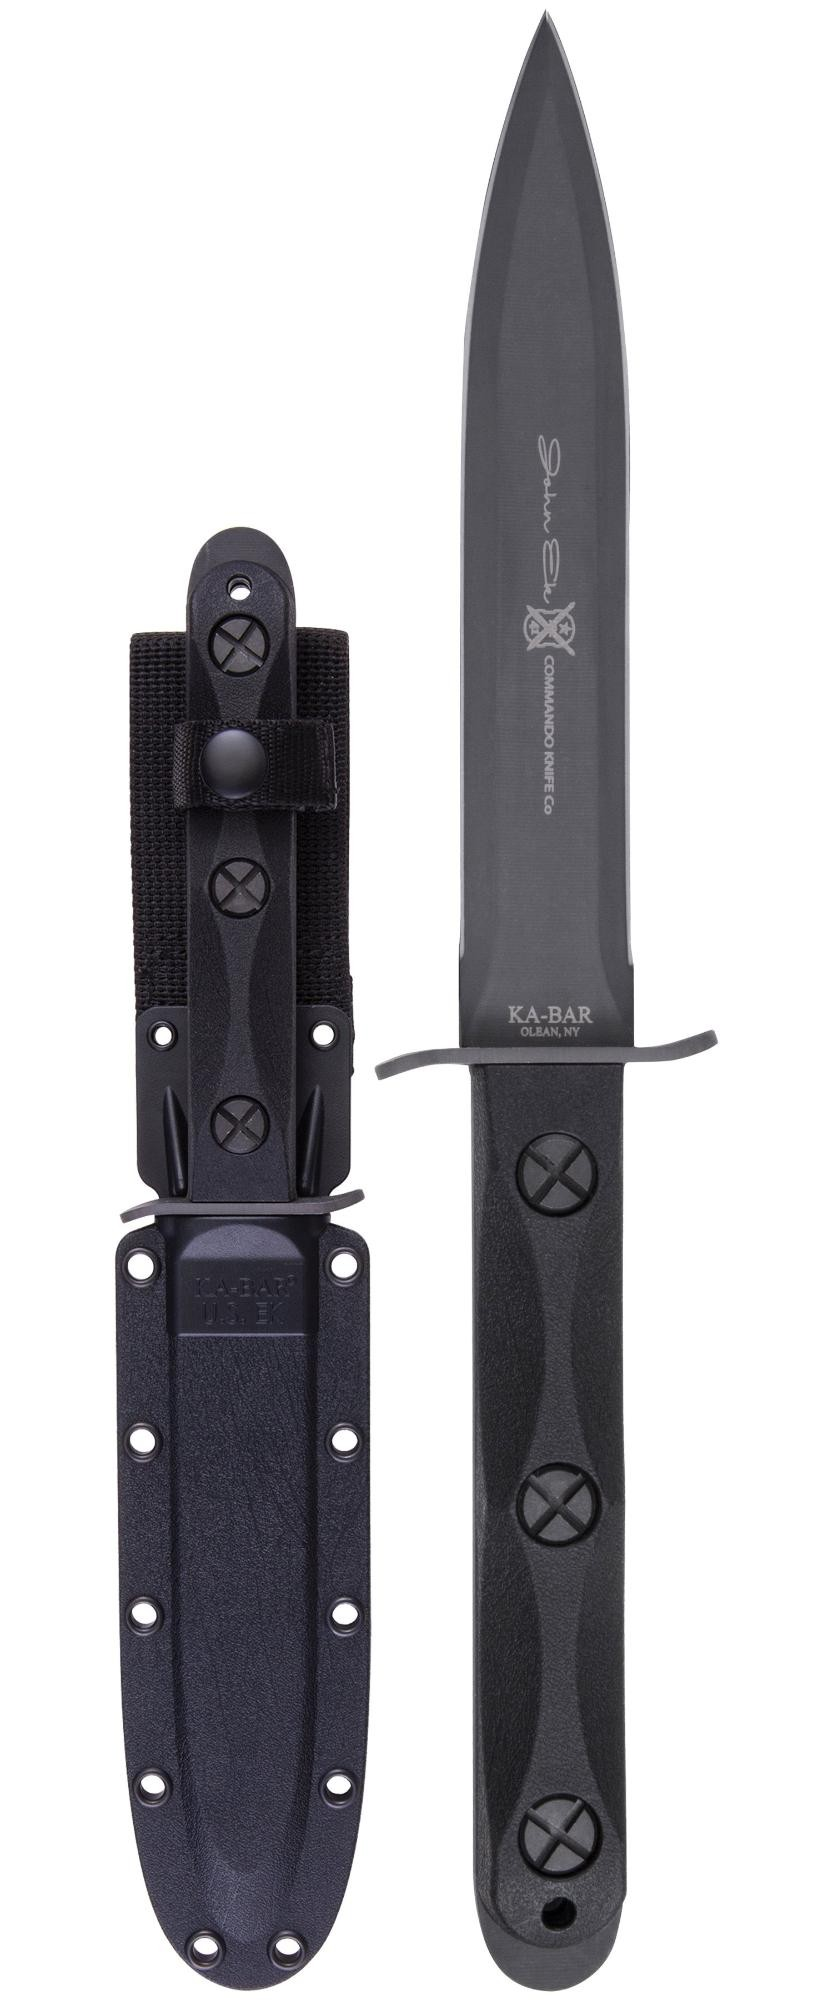 Ek Commando Knife - Model 4 (EK44)